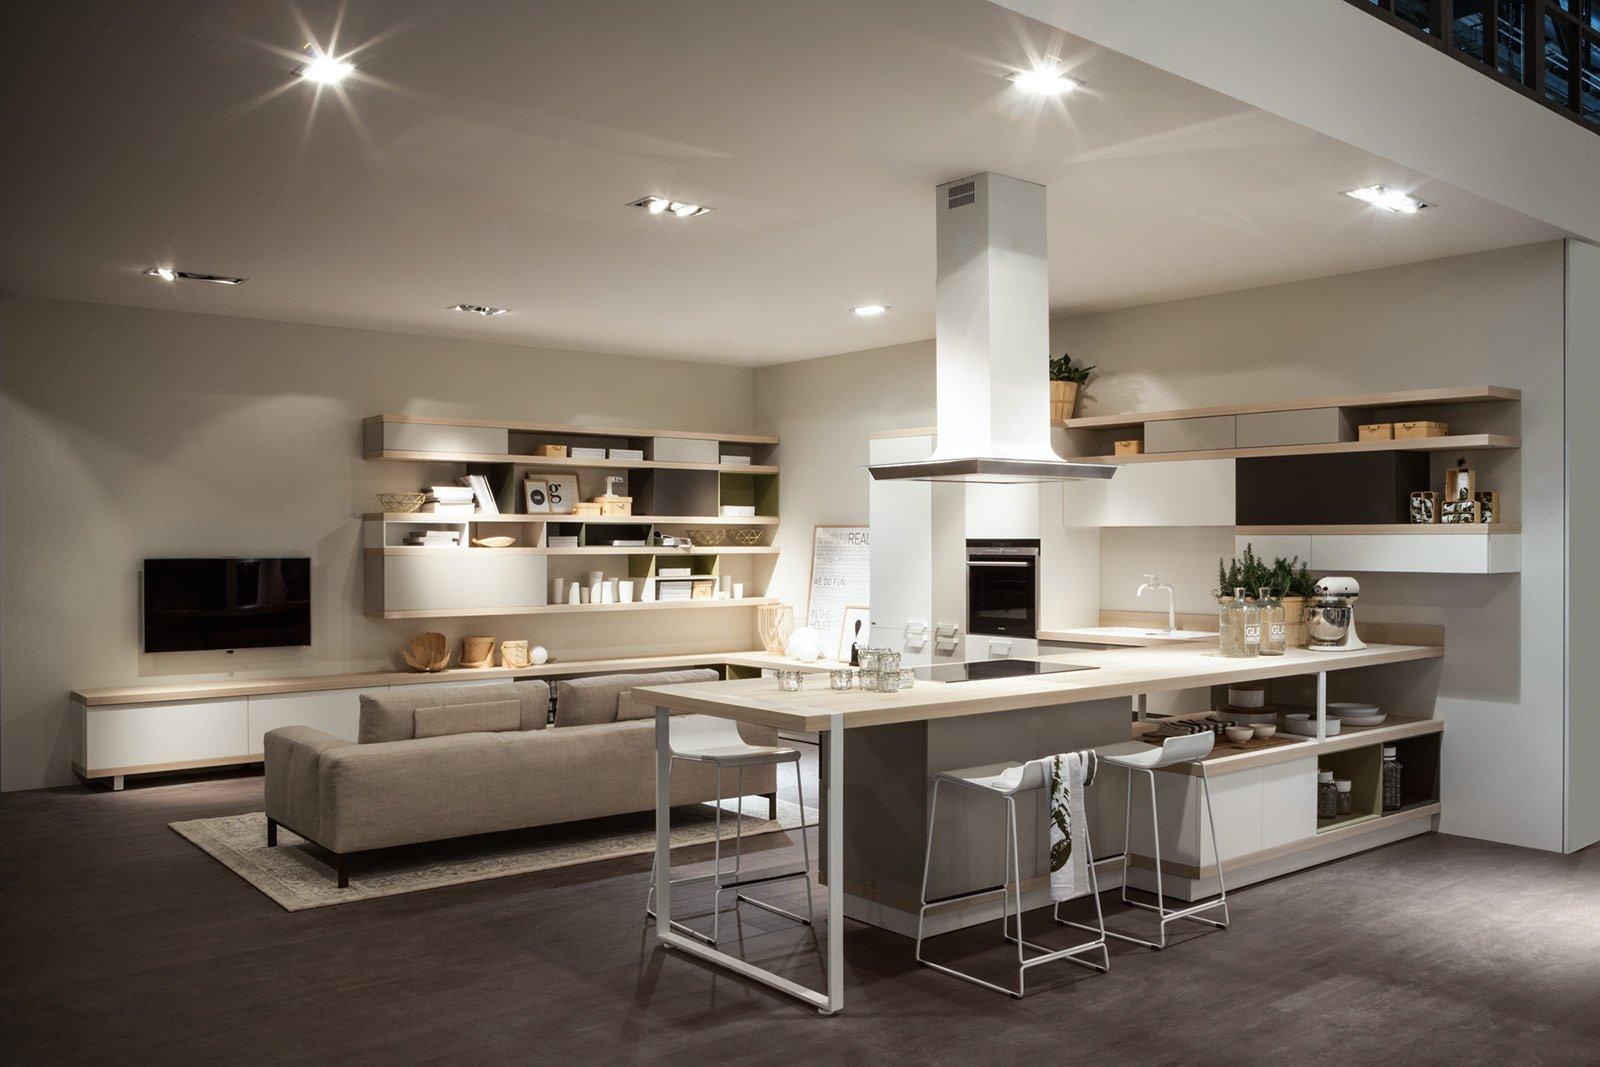 Cucina e soggiorno openspace funzioni divise o spiccata - Come disporre la cucina ...